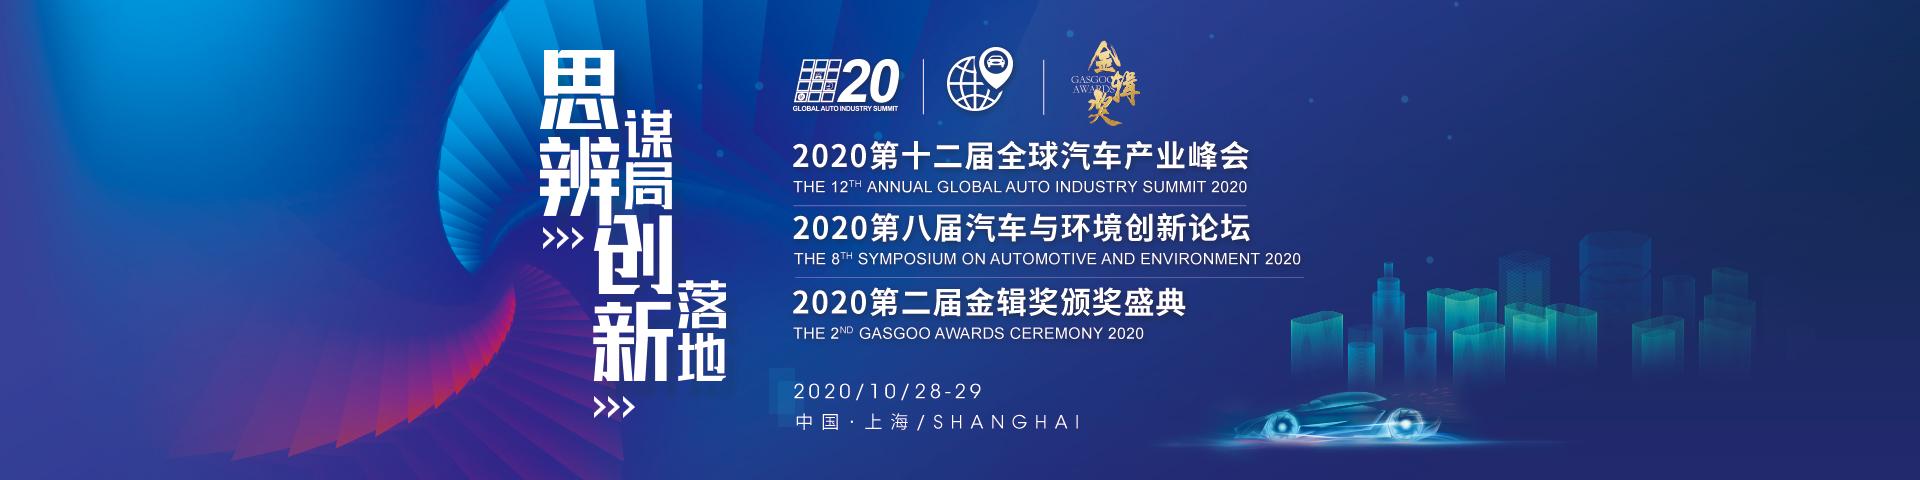 第十二届全球汽车产业峰会暨第八届汽车与环境创新论坛